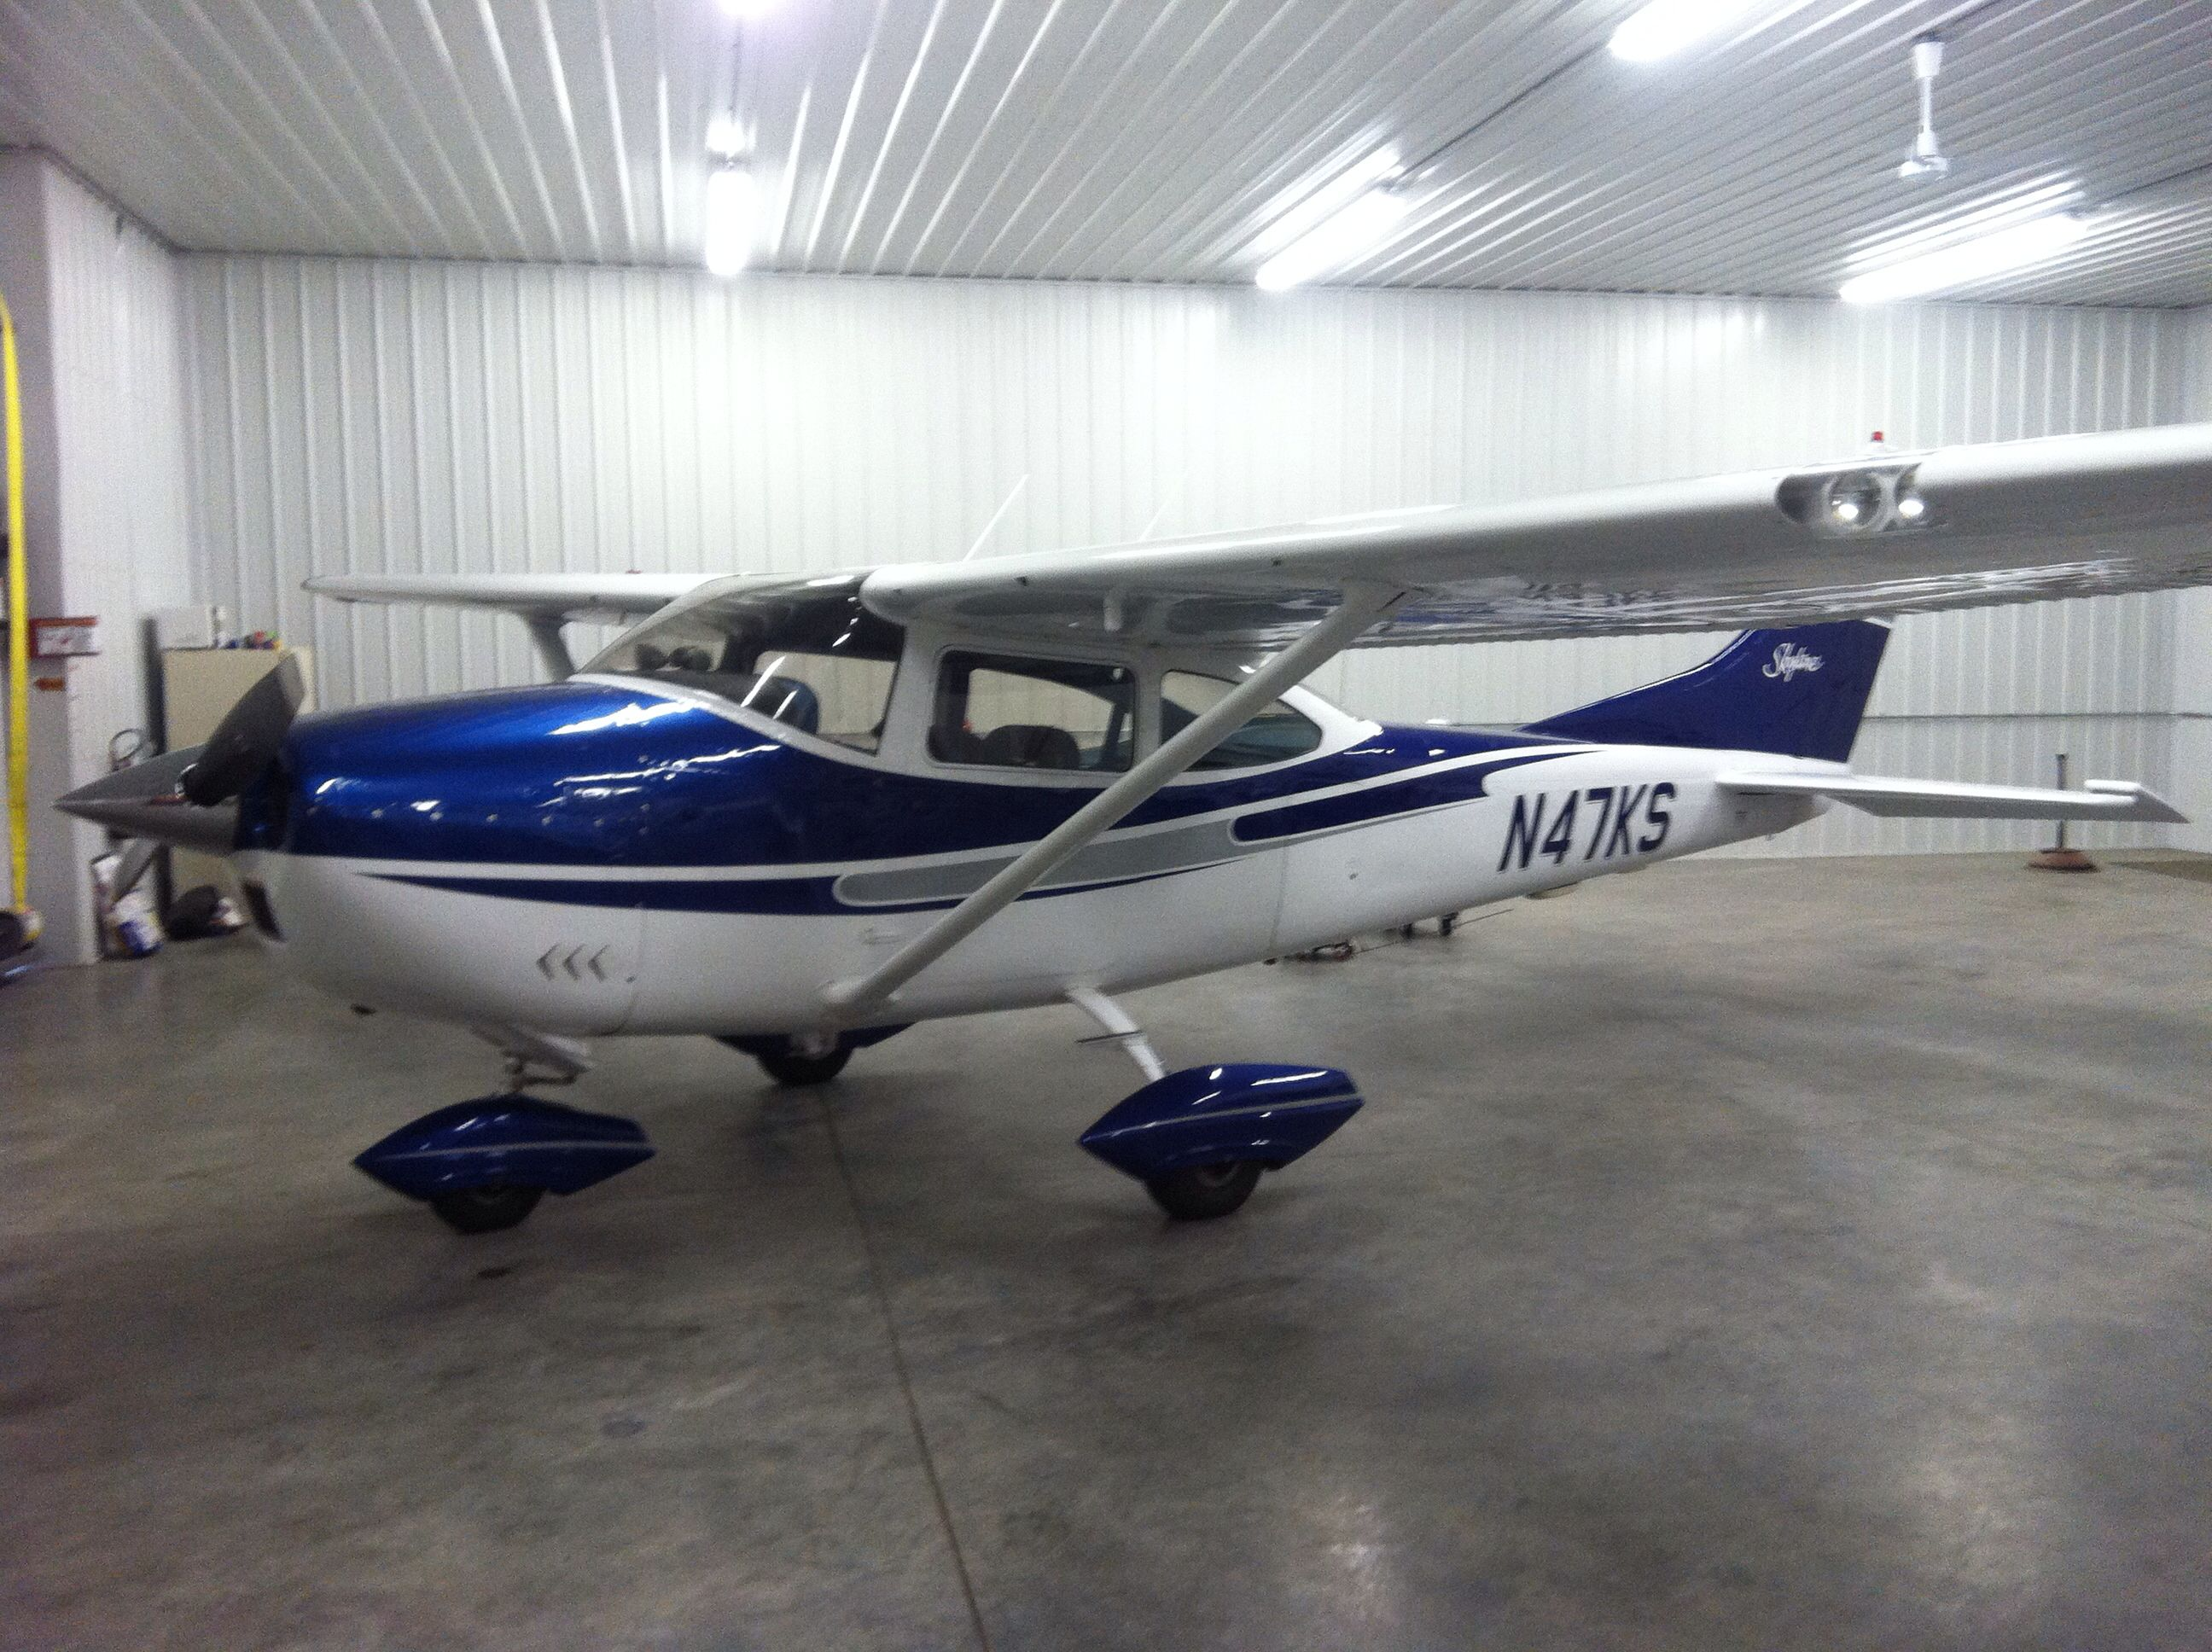 Cessna Jobs in Wichita, KS - Glassdoor Job Search